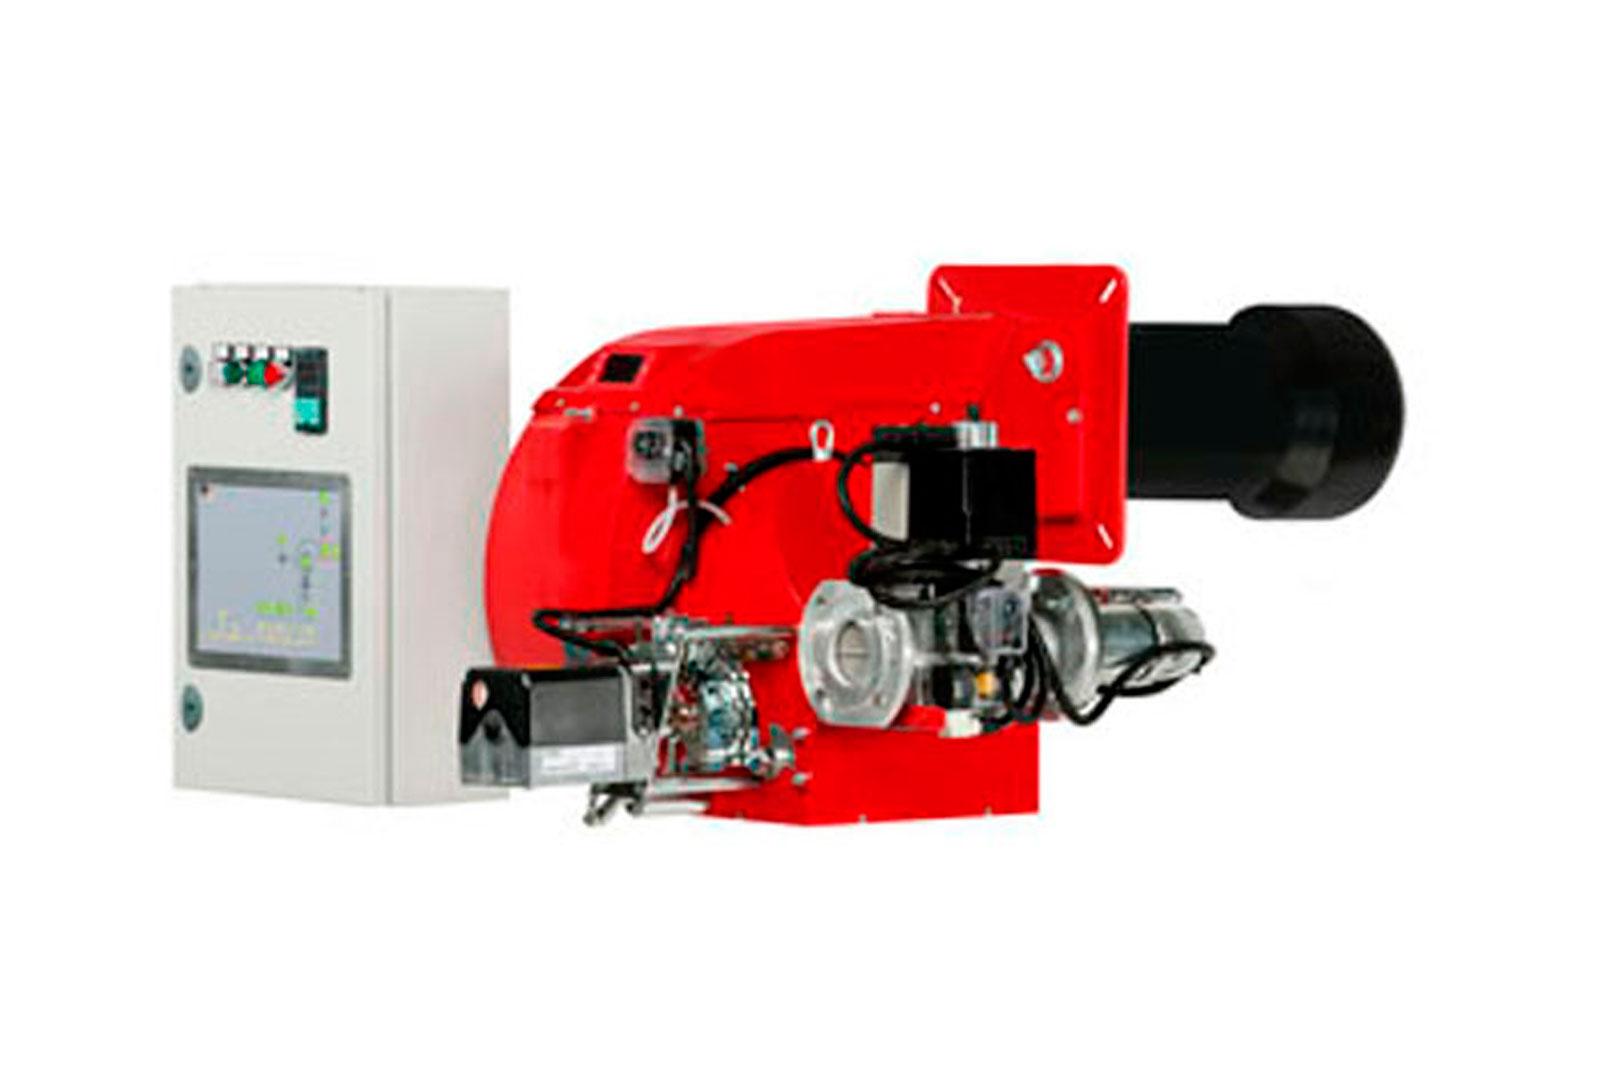 quemador-cremax-gas-2-llamas-progresivos-y-modulantes-1044kw-a-2900kw-2-flamax-eficiencia-energetica-ppal